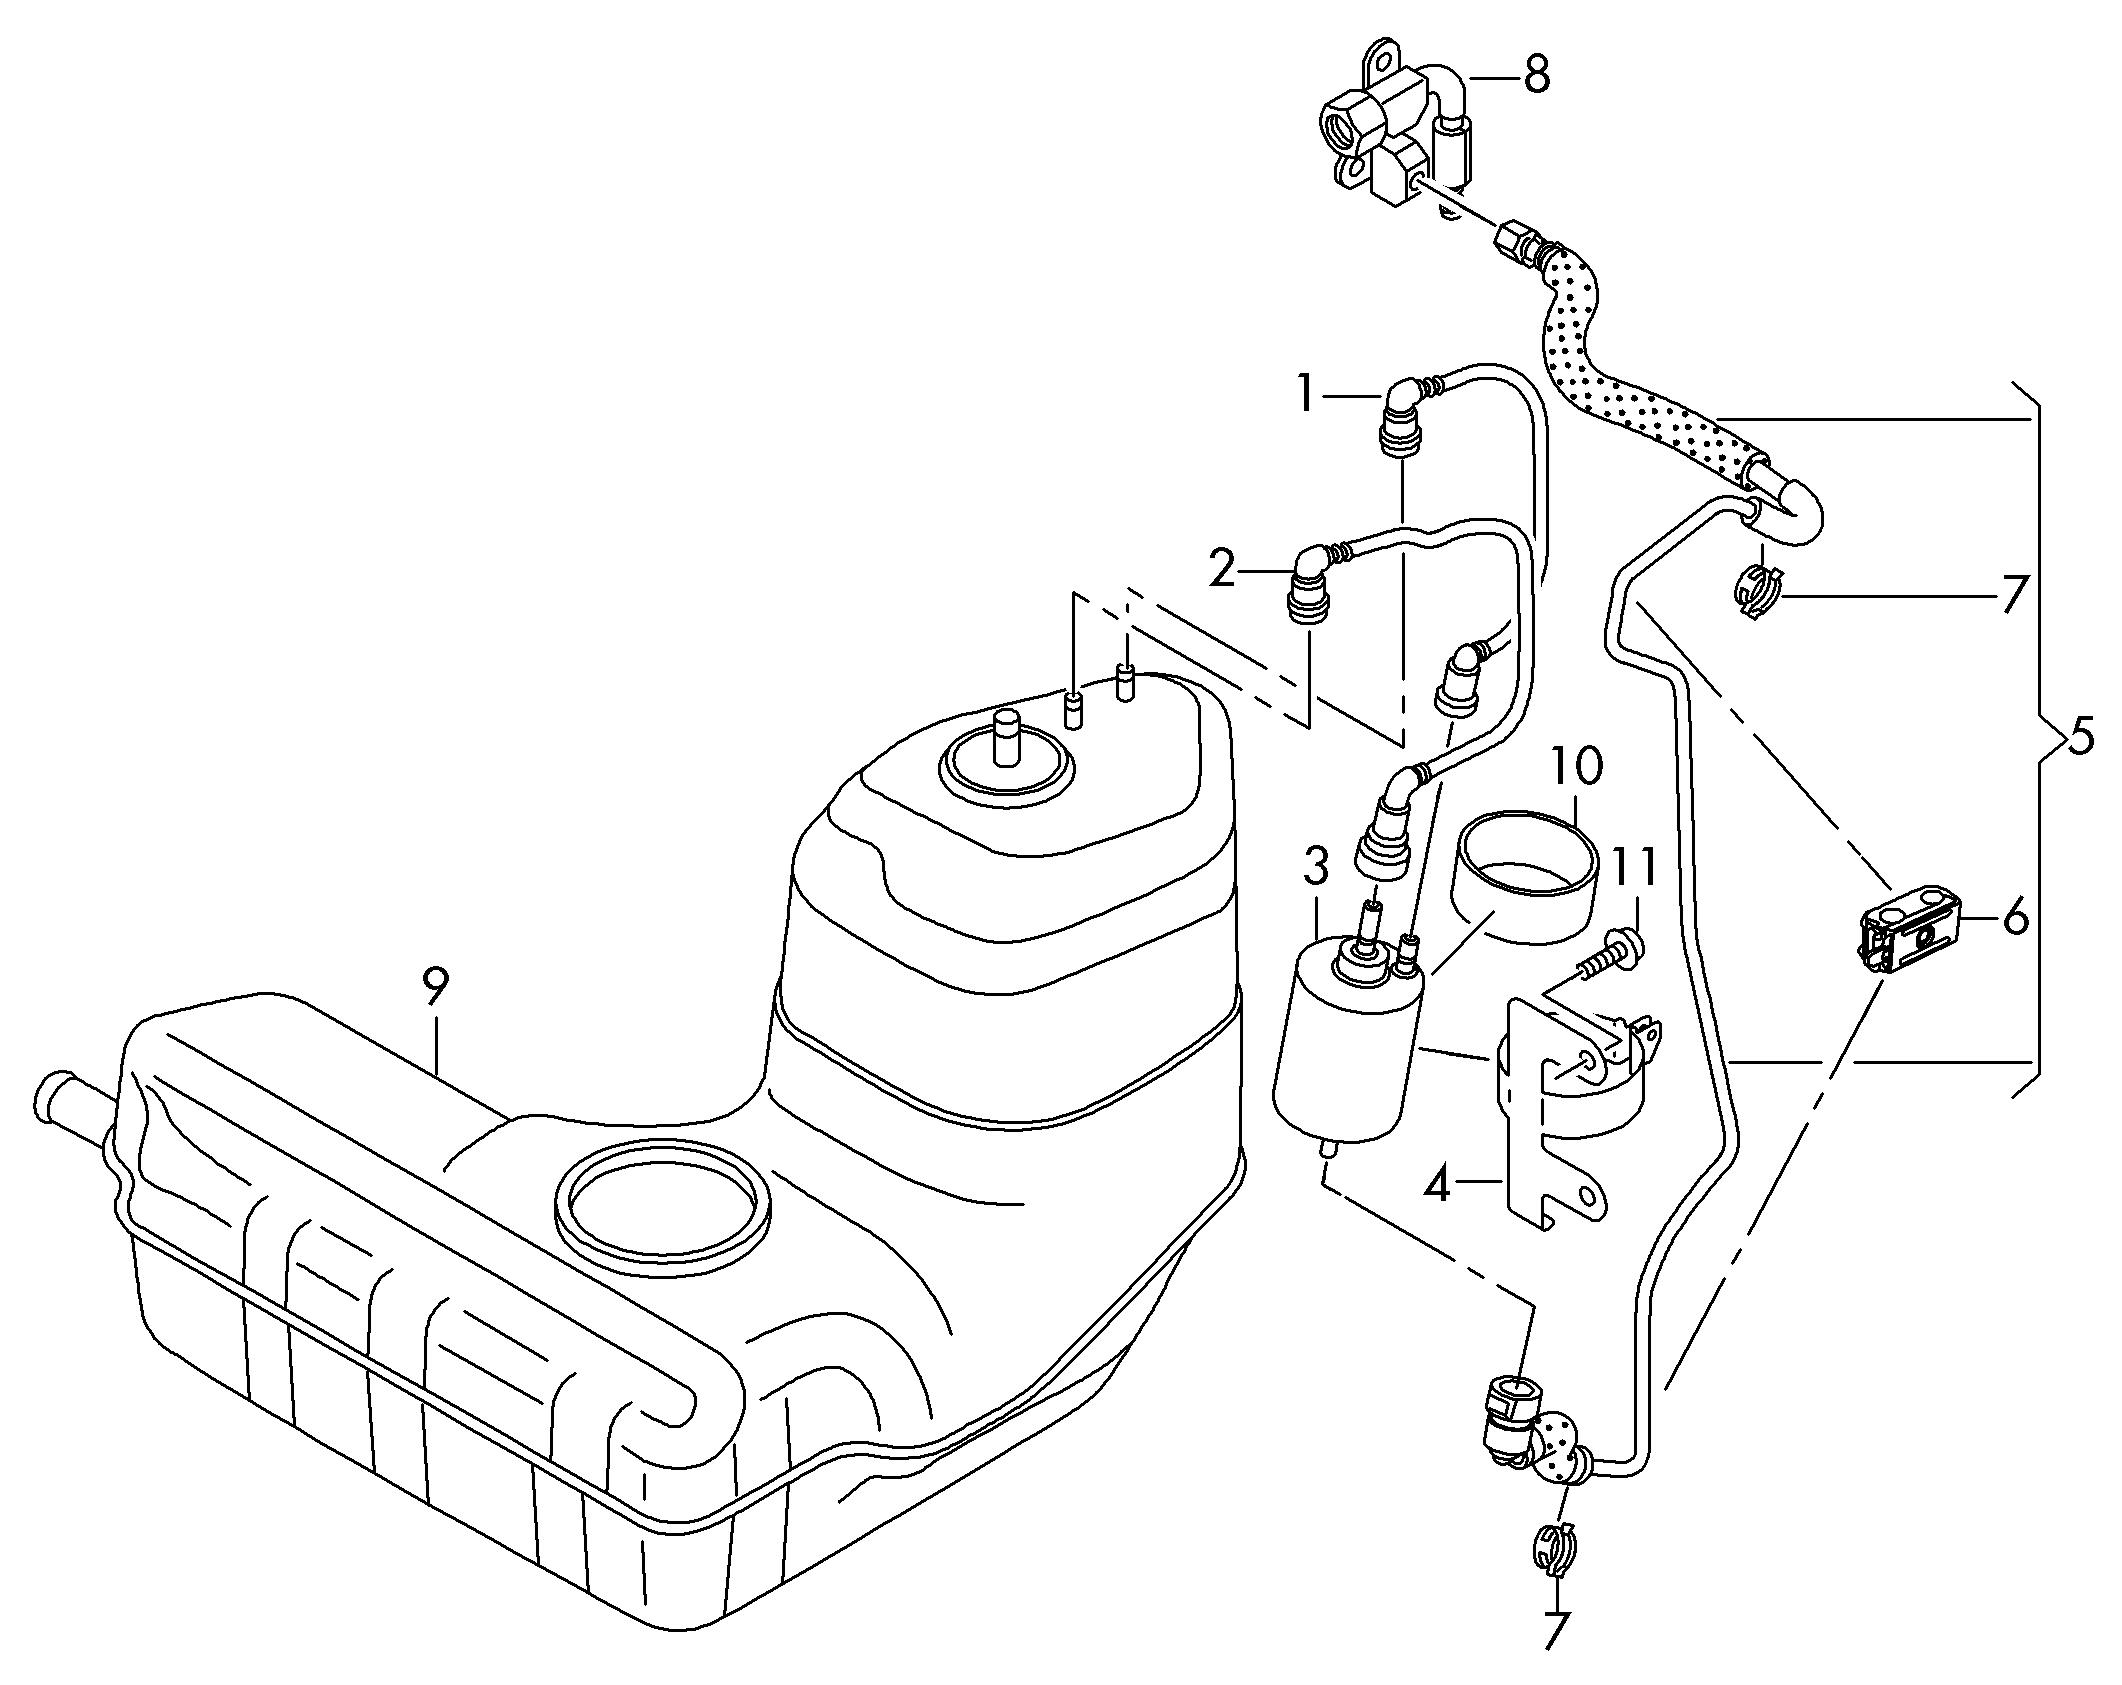 V10 Fuel Filter Location